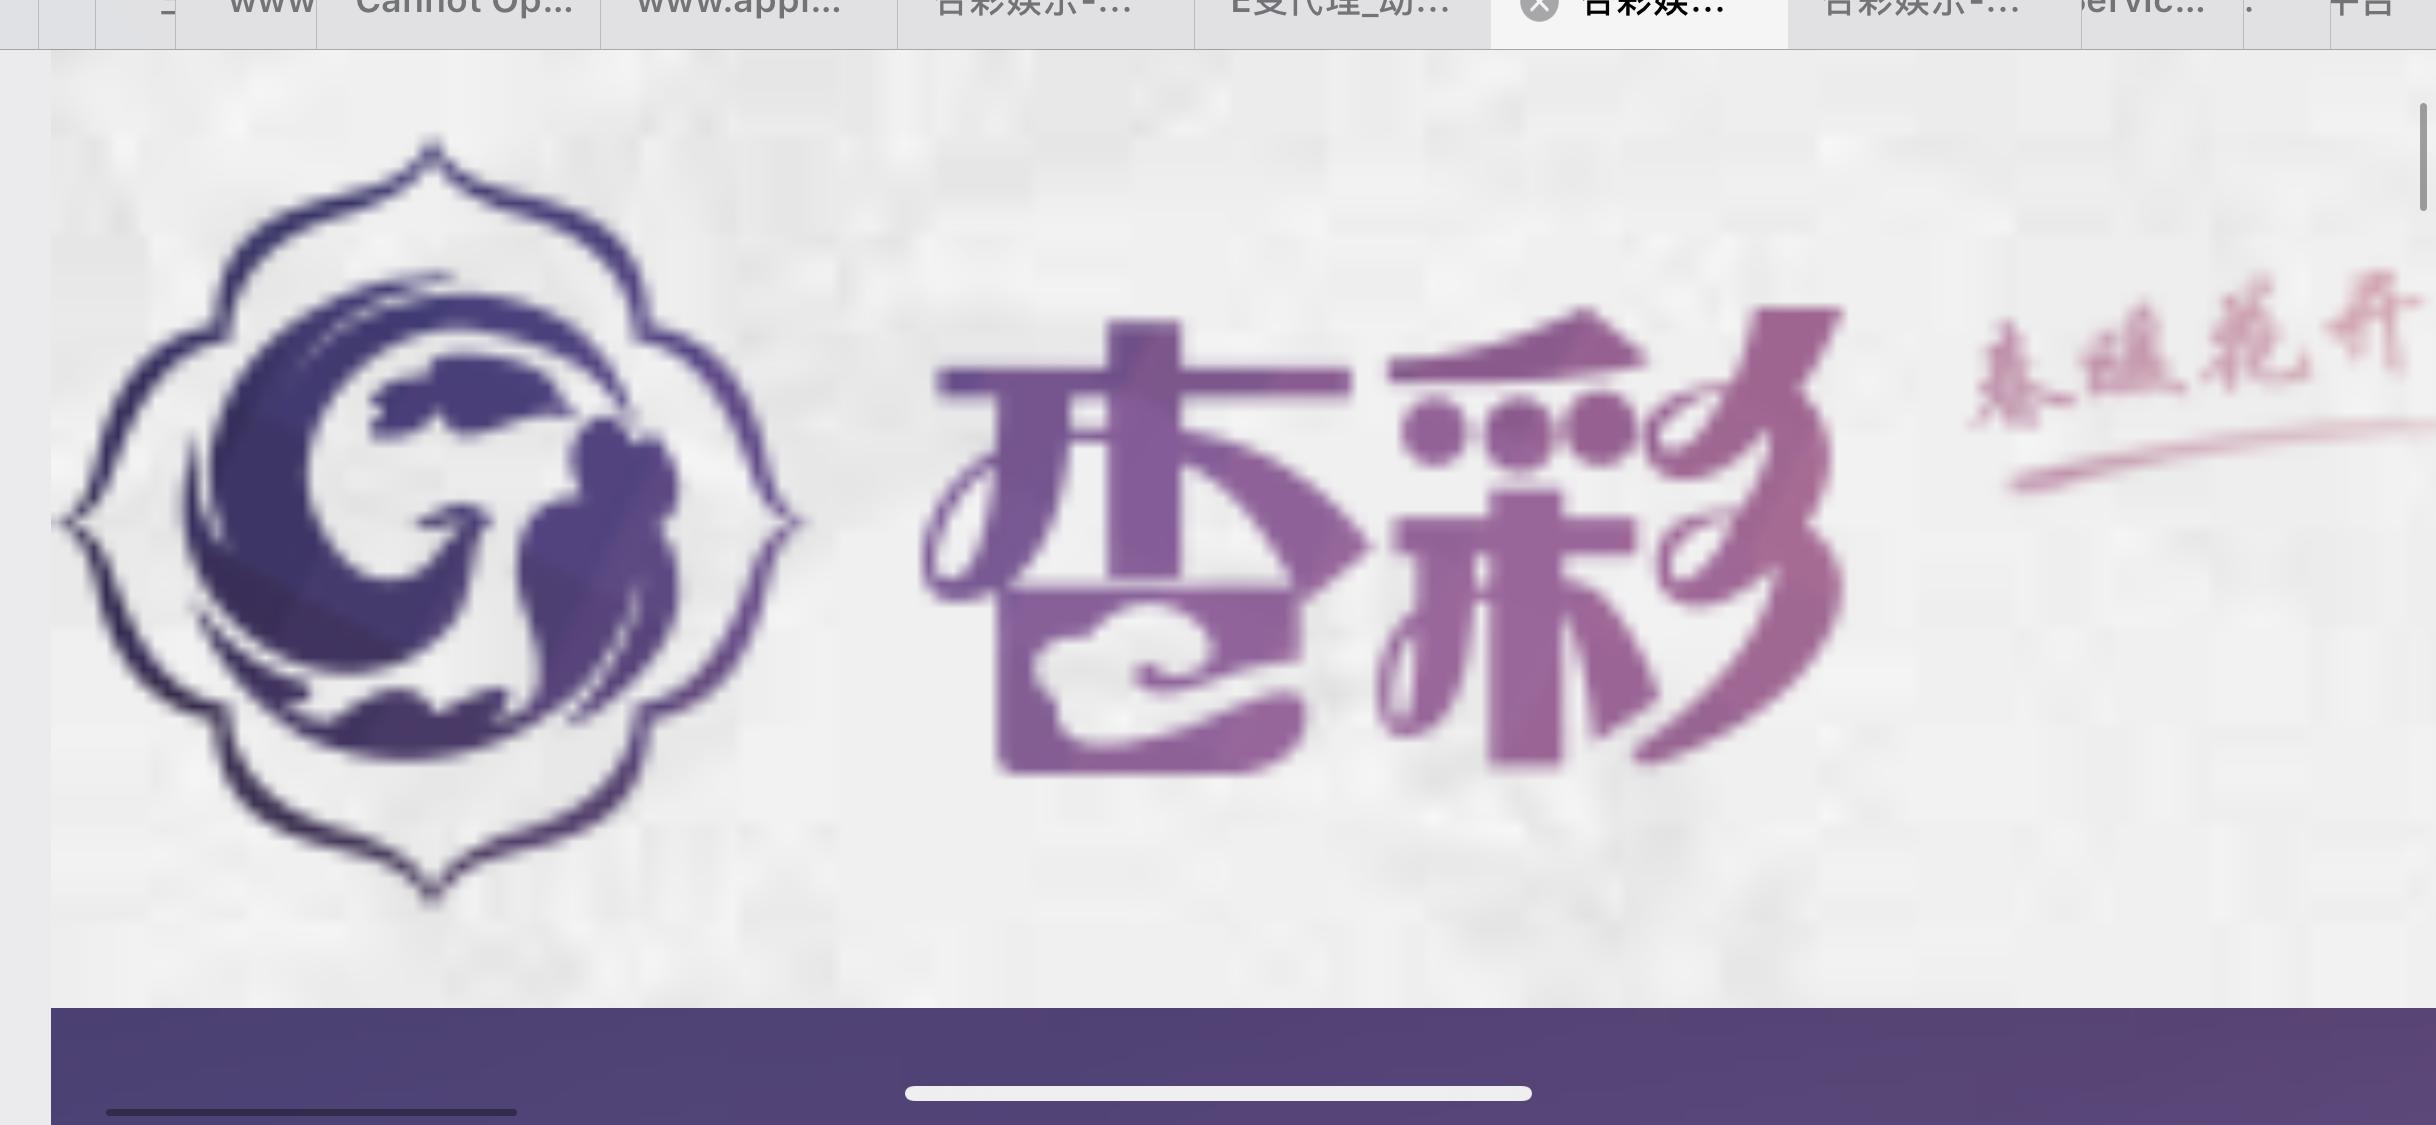 杏彩挂号-登录-杏彩备案登录教程之娱乐